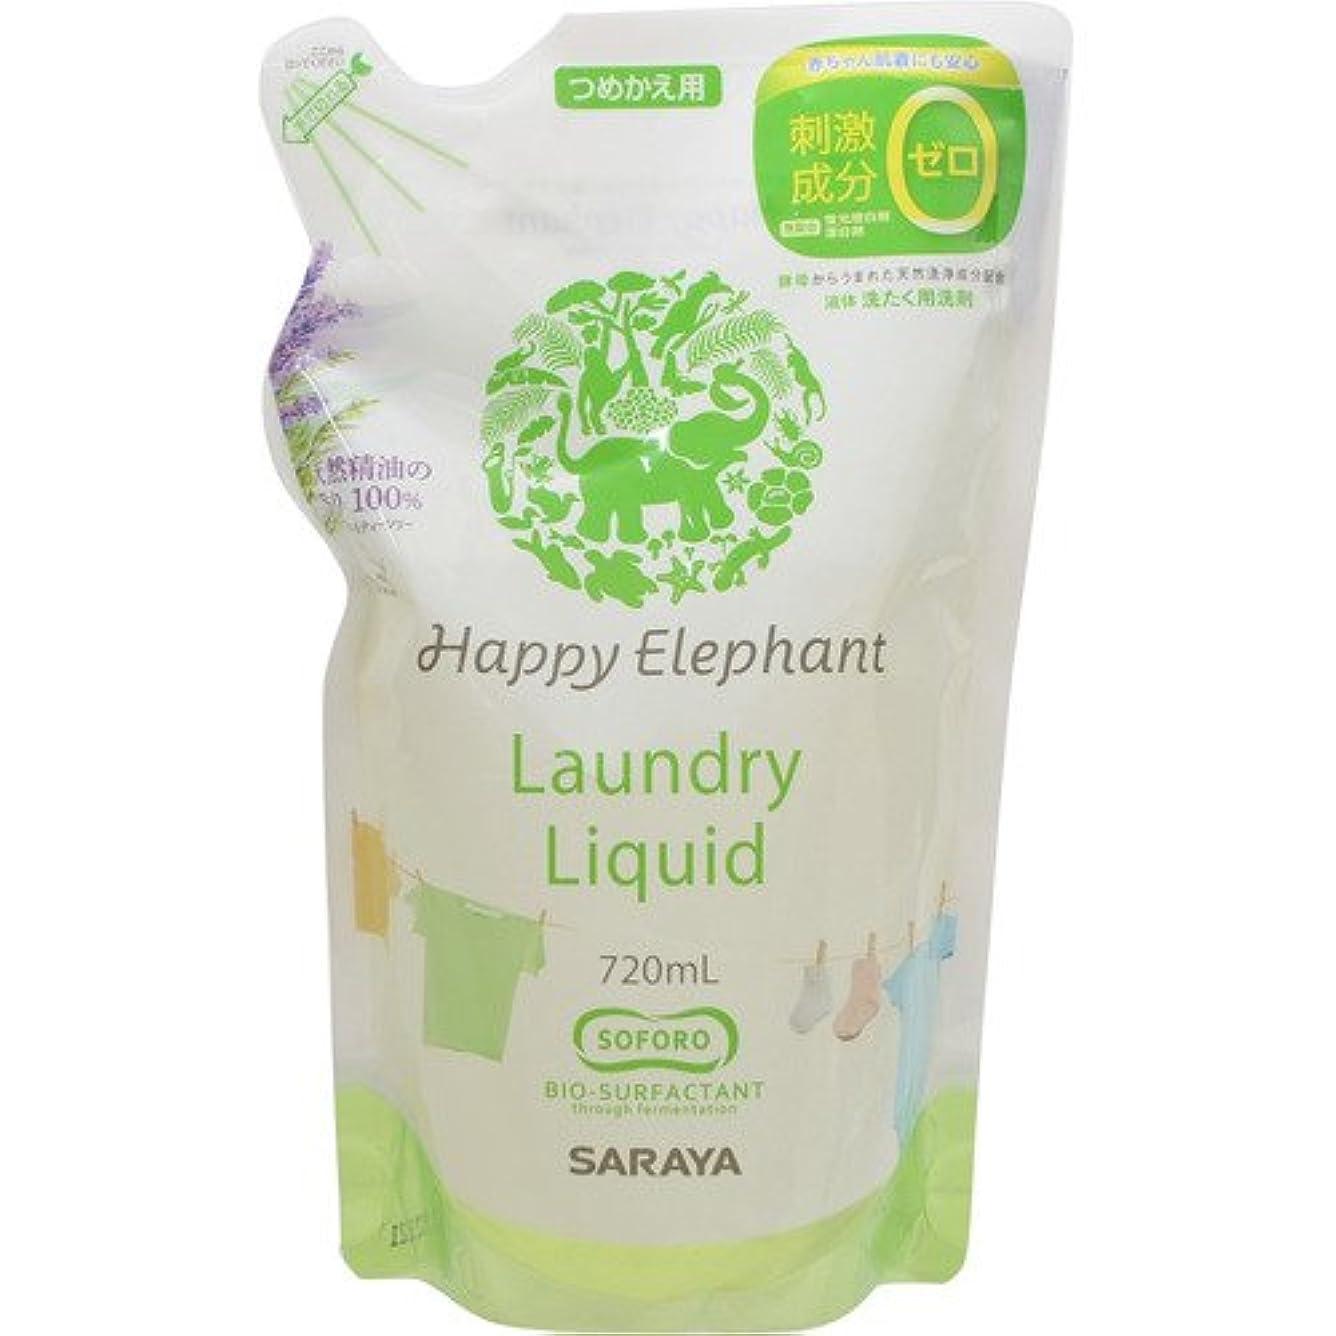 持つ買い物に行くアルカトラズ島ハッピーエレファント 液体洗たく用洗剤 つめかえ用 720ml